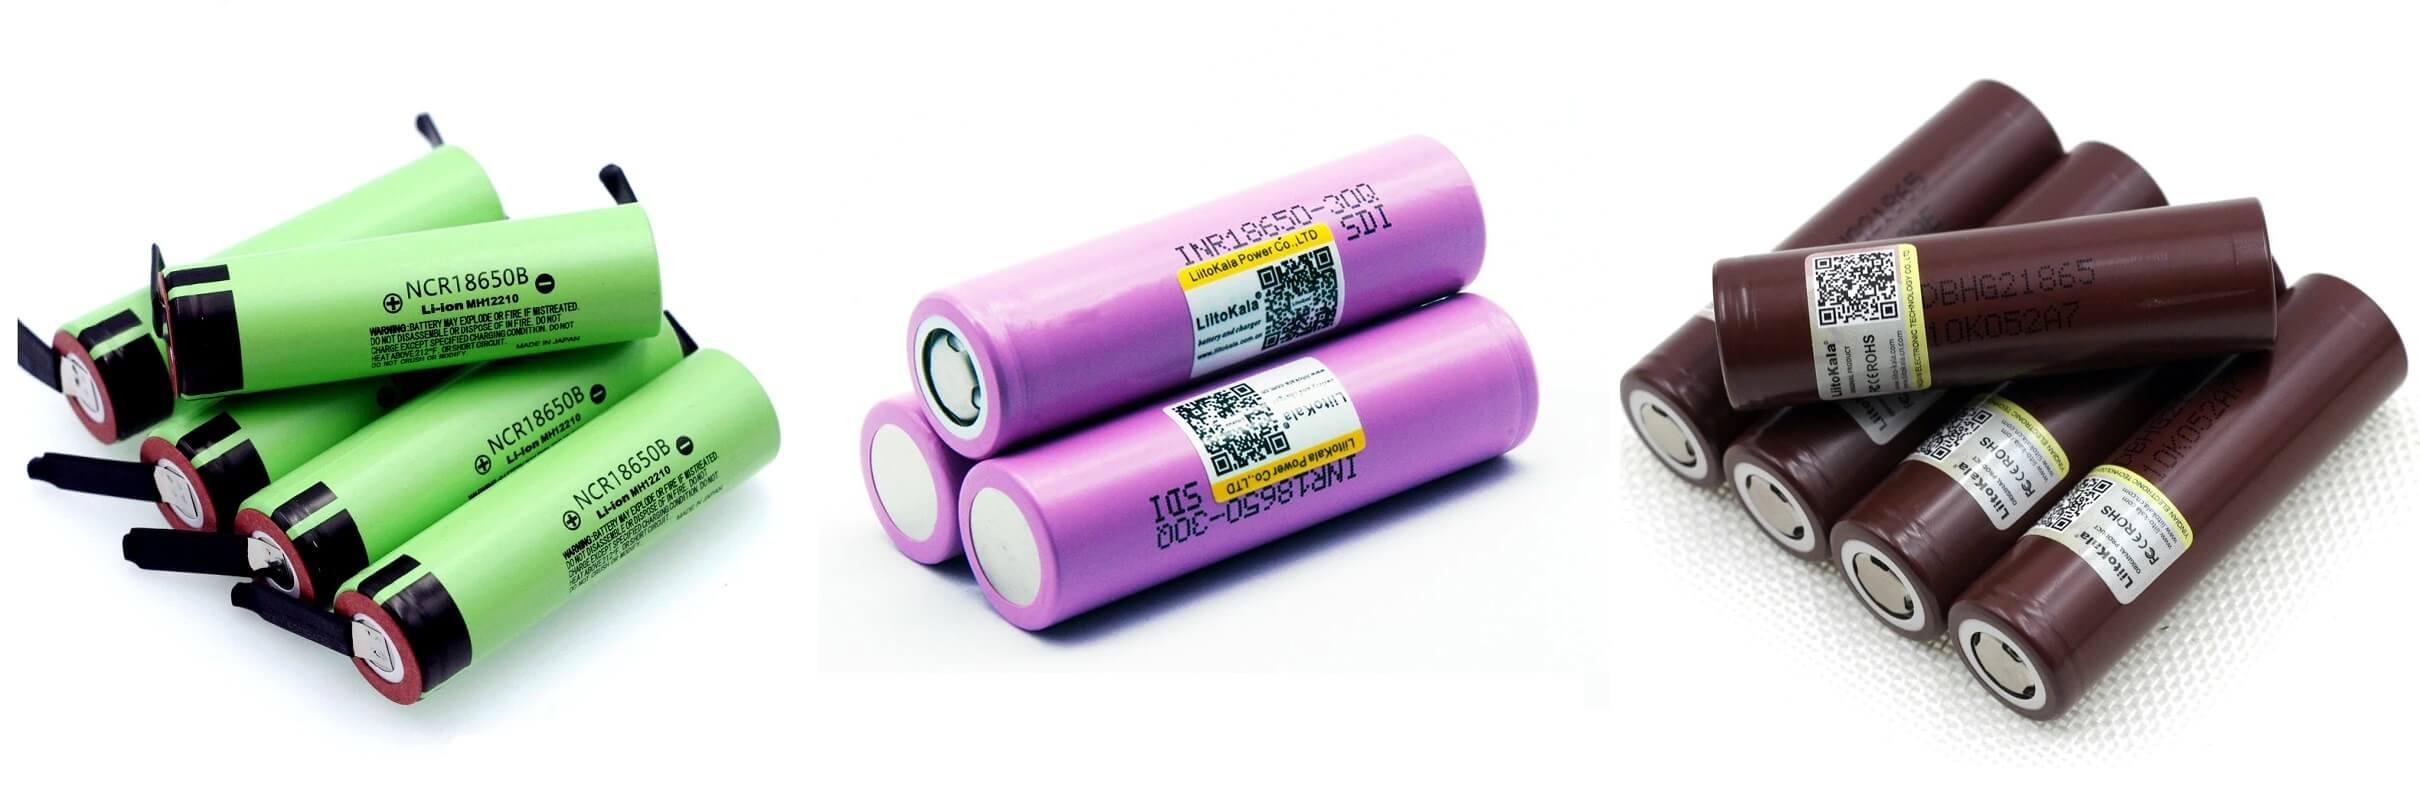 ТОП-10 аккумуляторов 18650 с Алиэкспресс